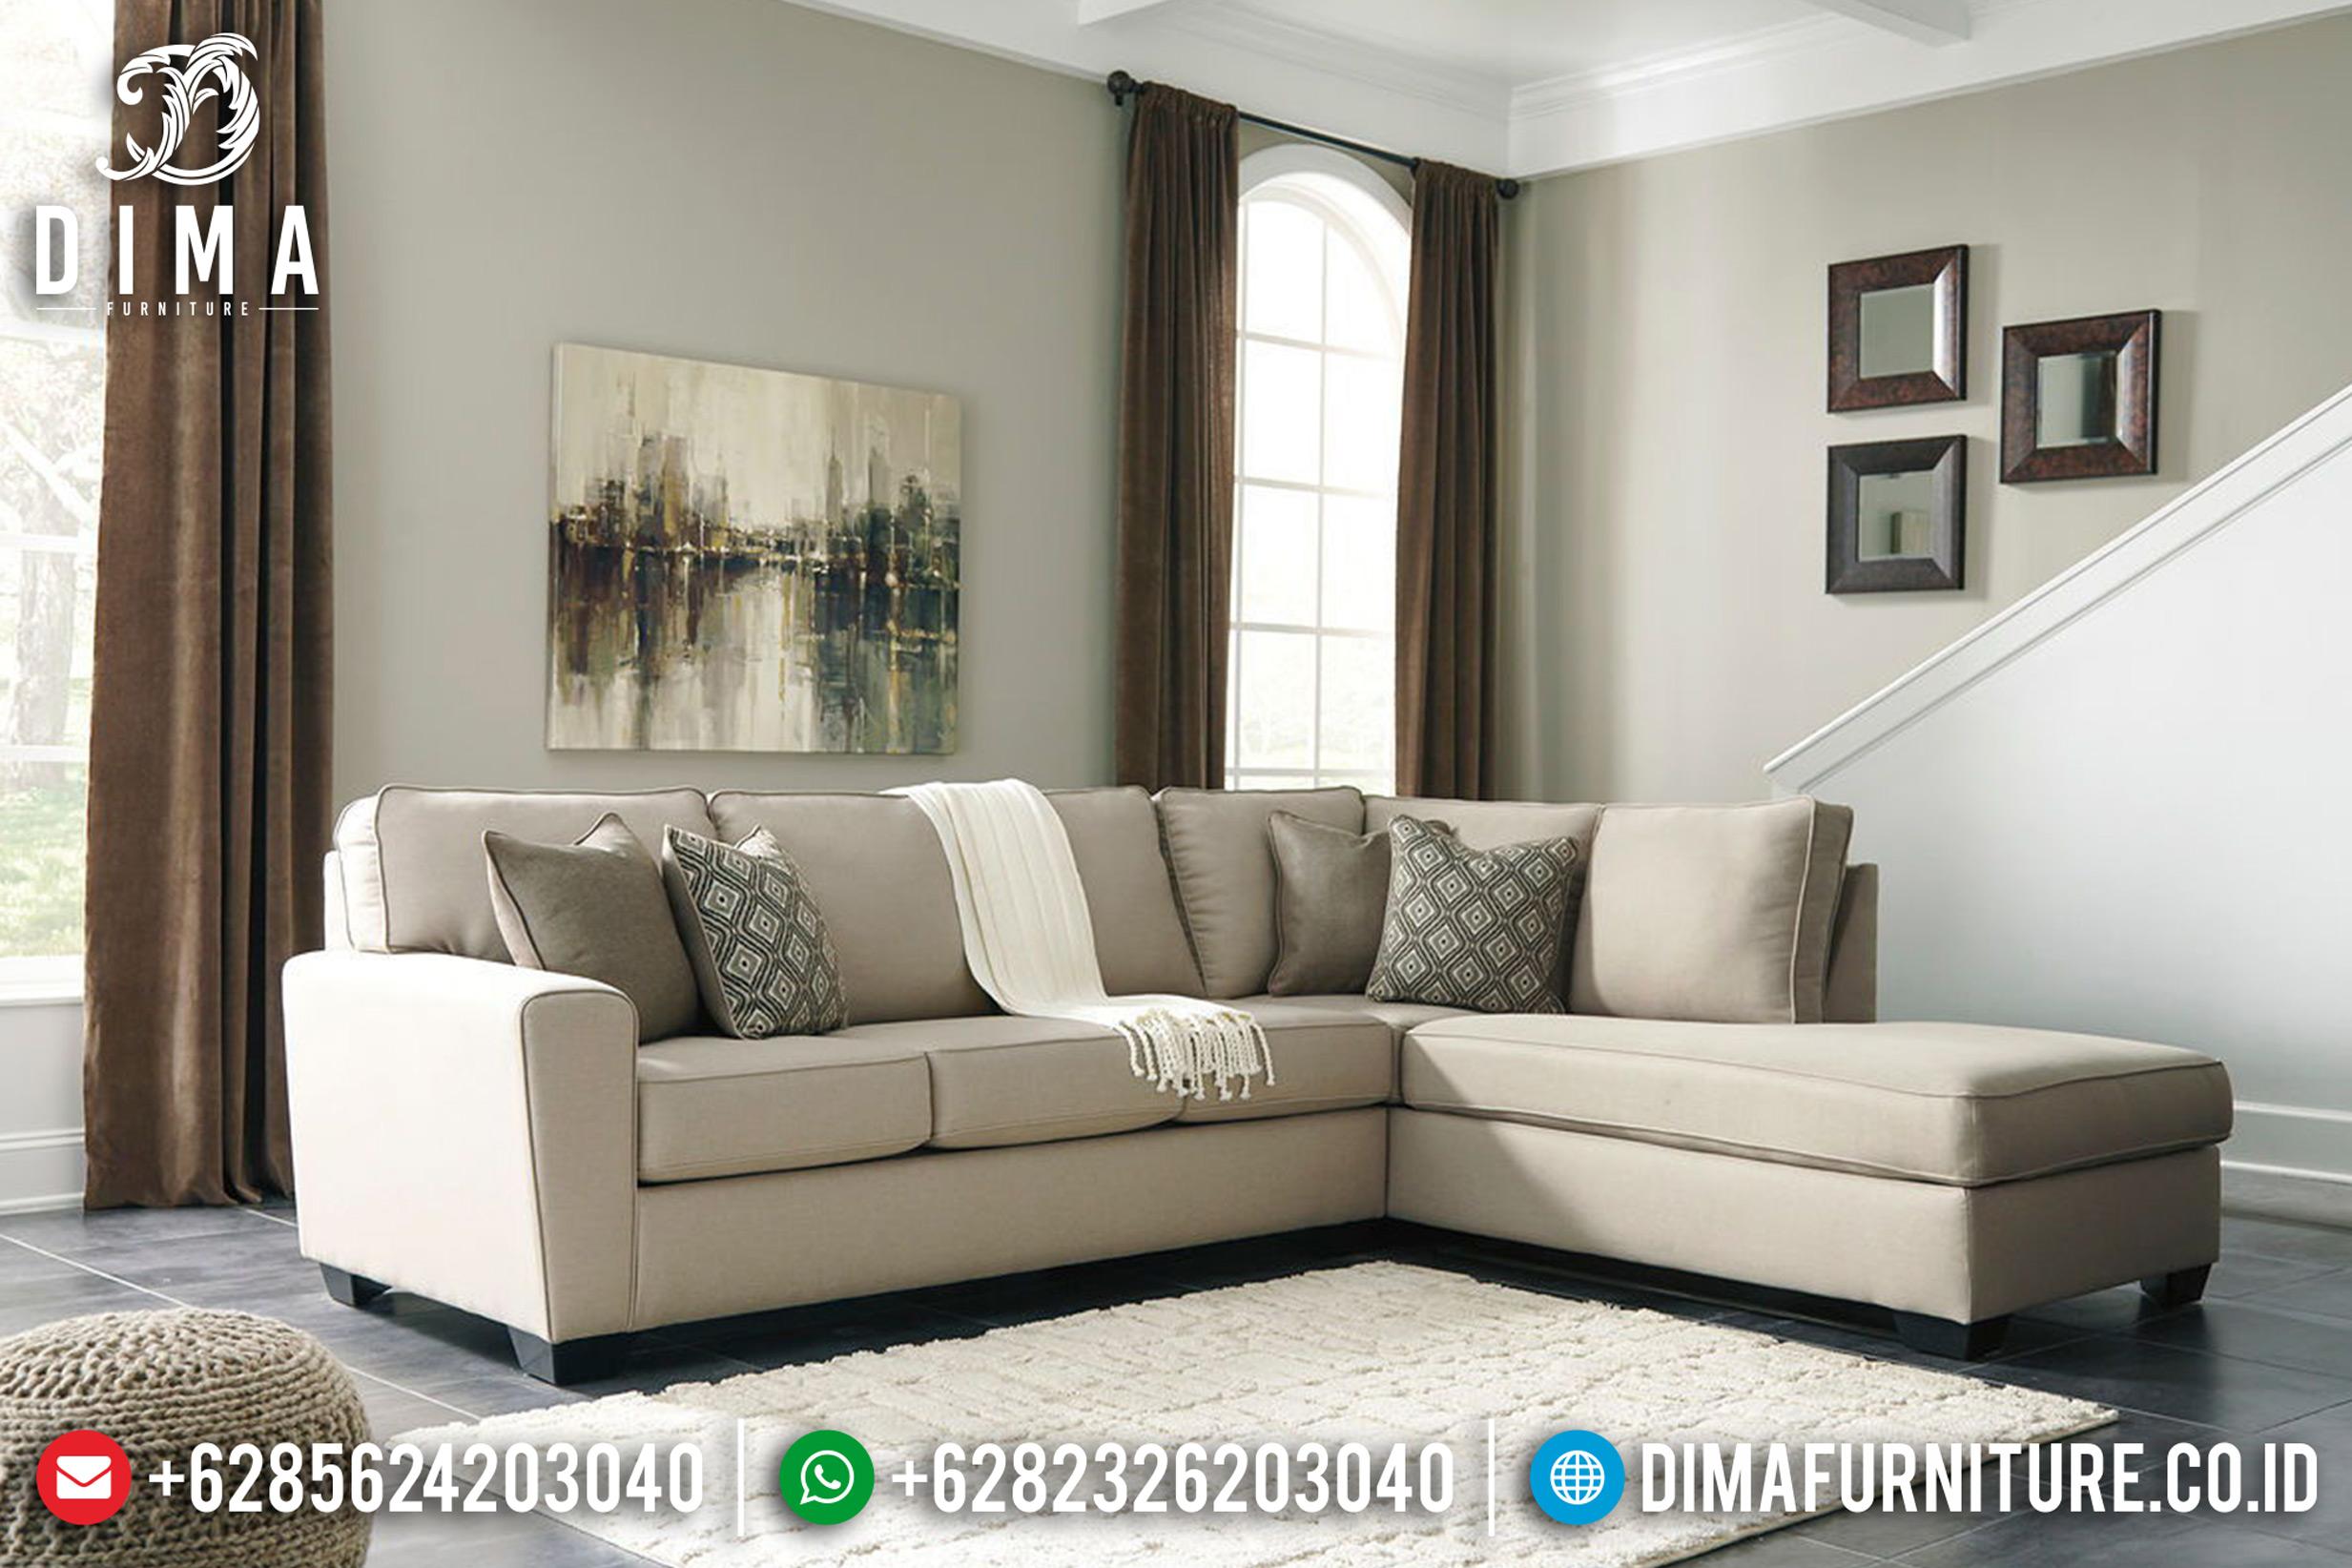 Jual Kursi Living Room Sofa Tamu Jepara Minimalis Mewah BT-0017 Gambar 1